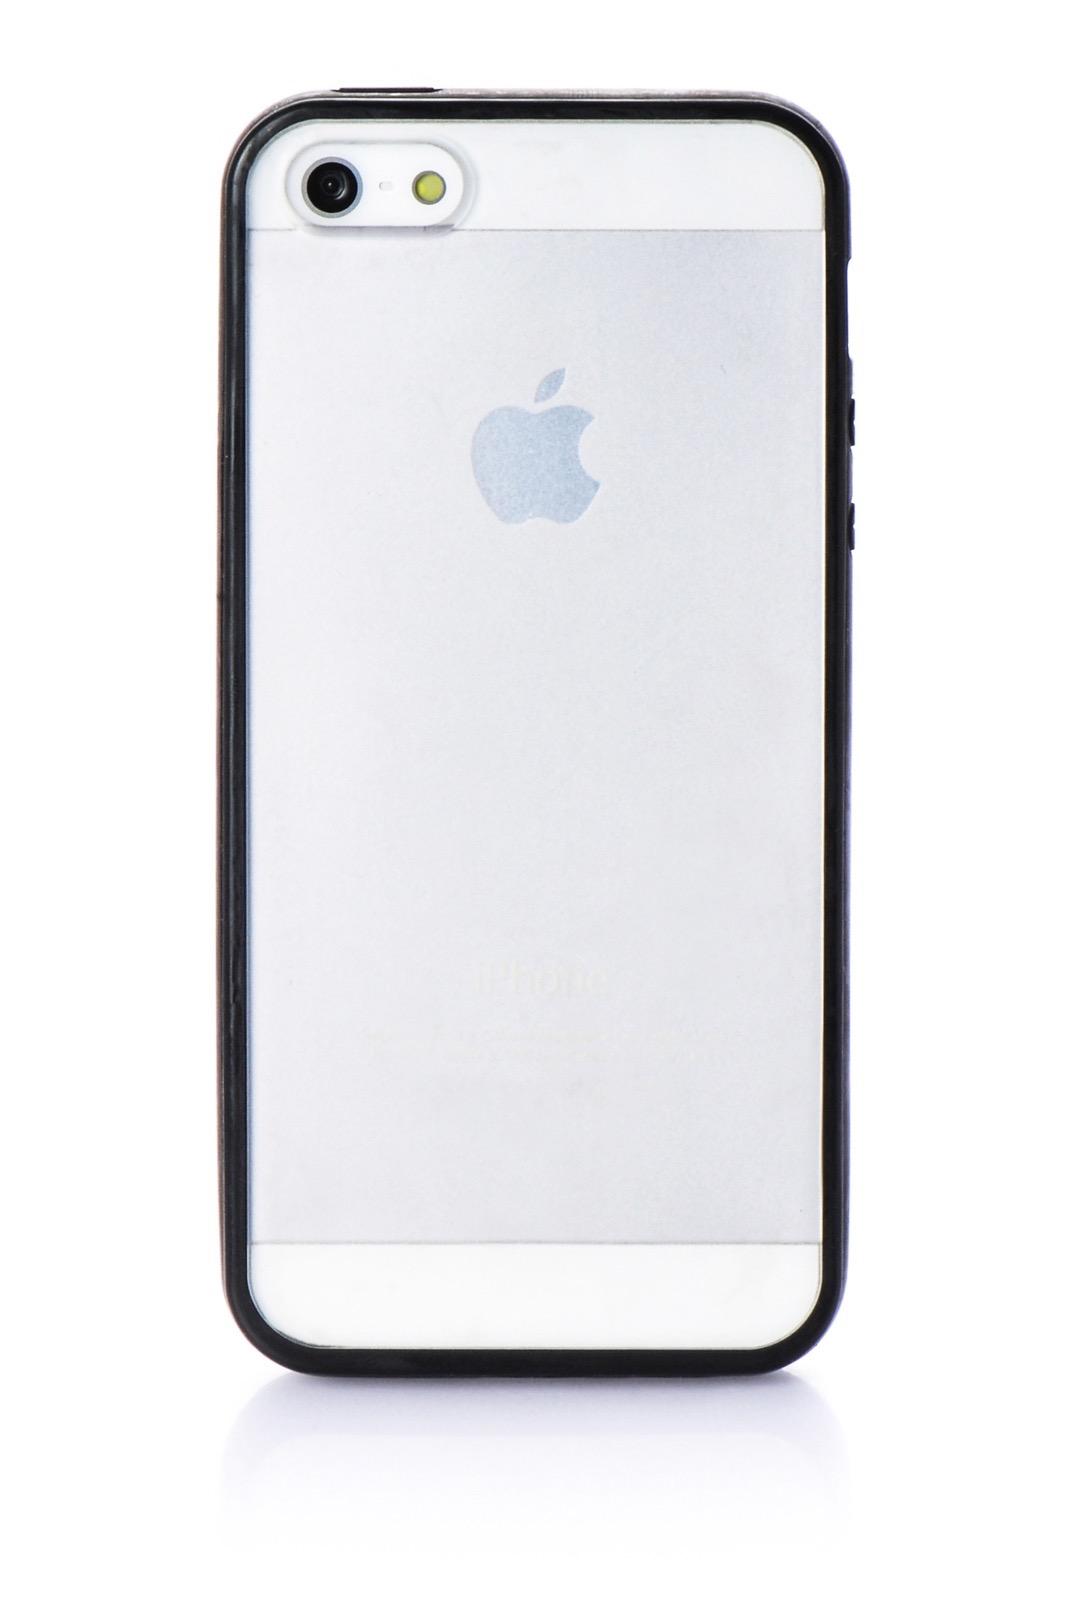 Чехол для сотового телефона iNeez накладка Lims для Apple iPhone 5/5S/SE, черный